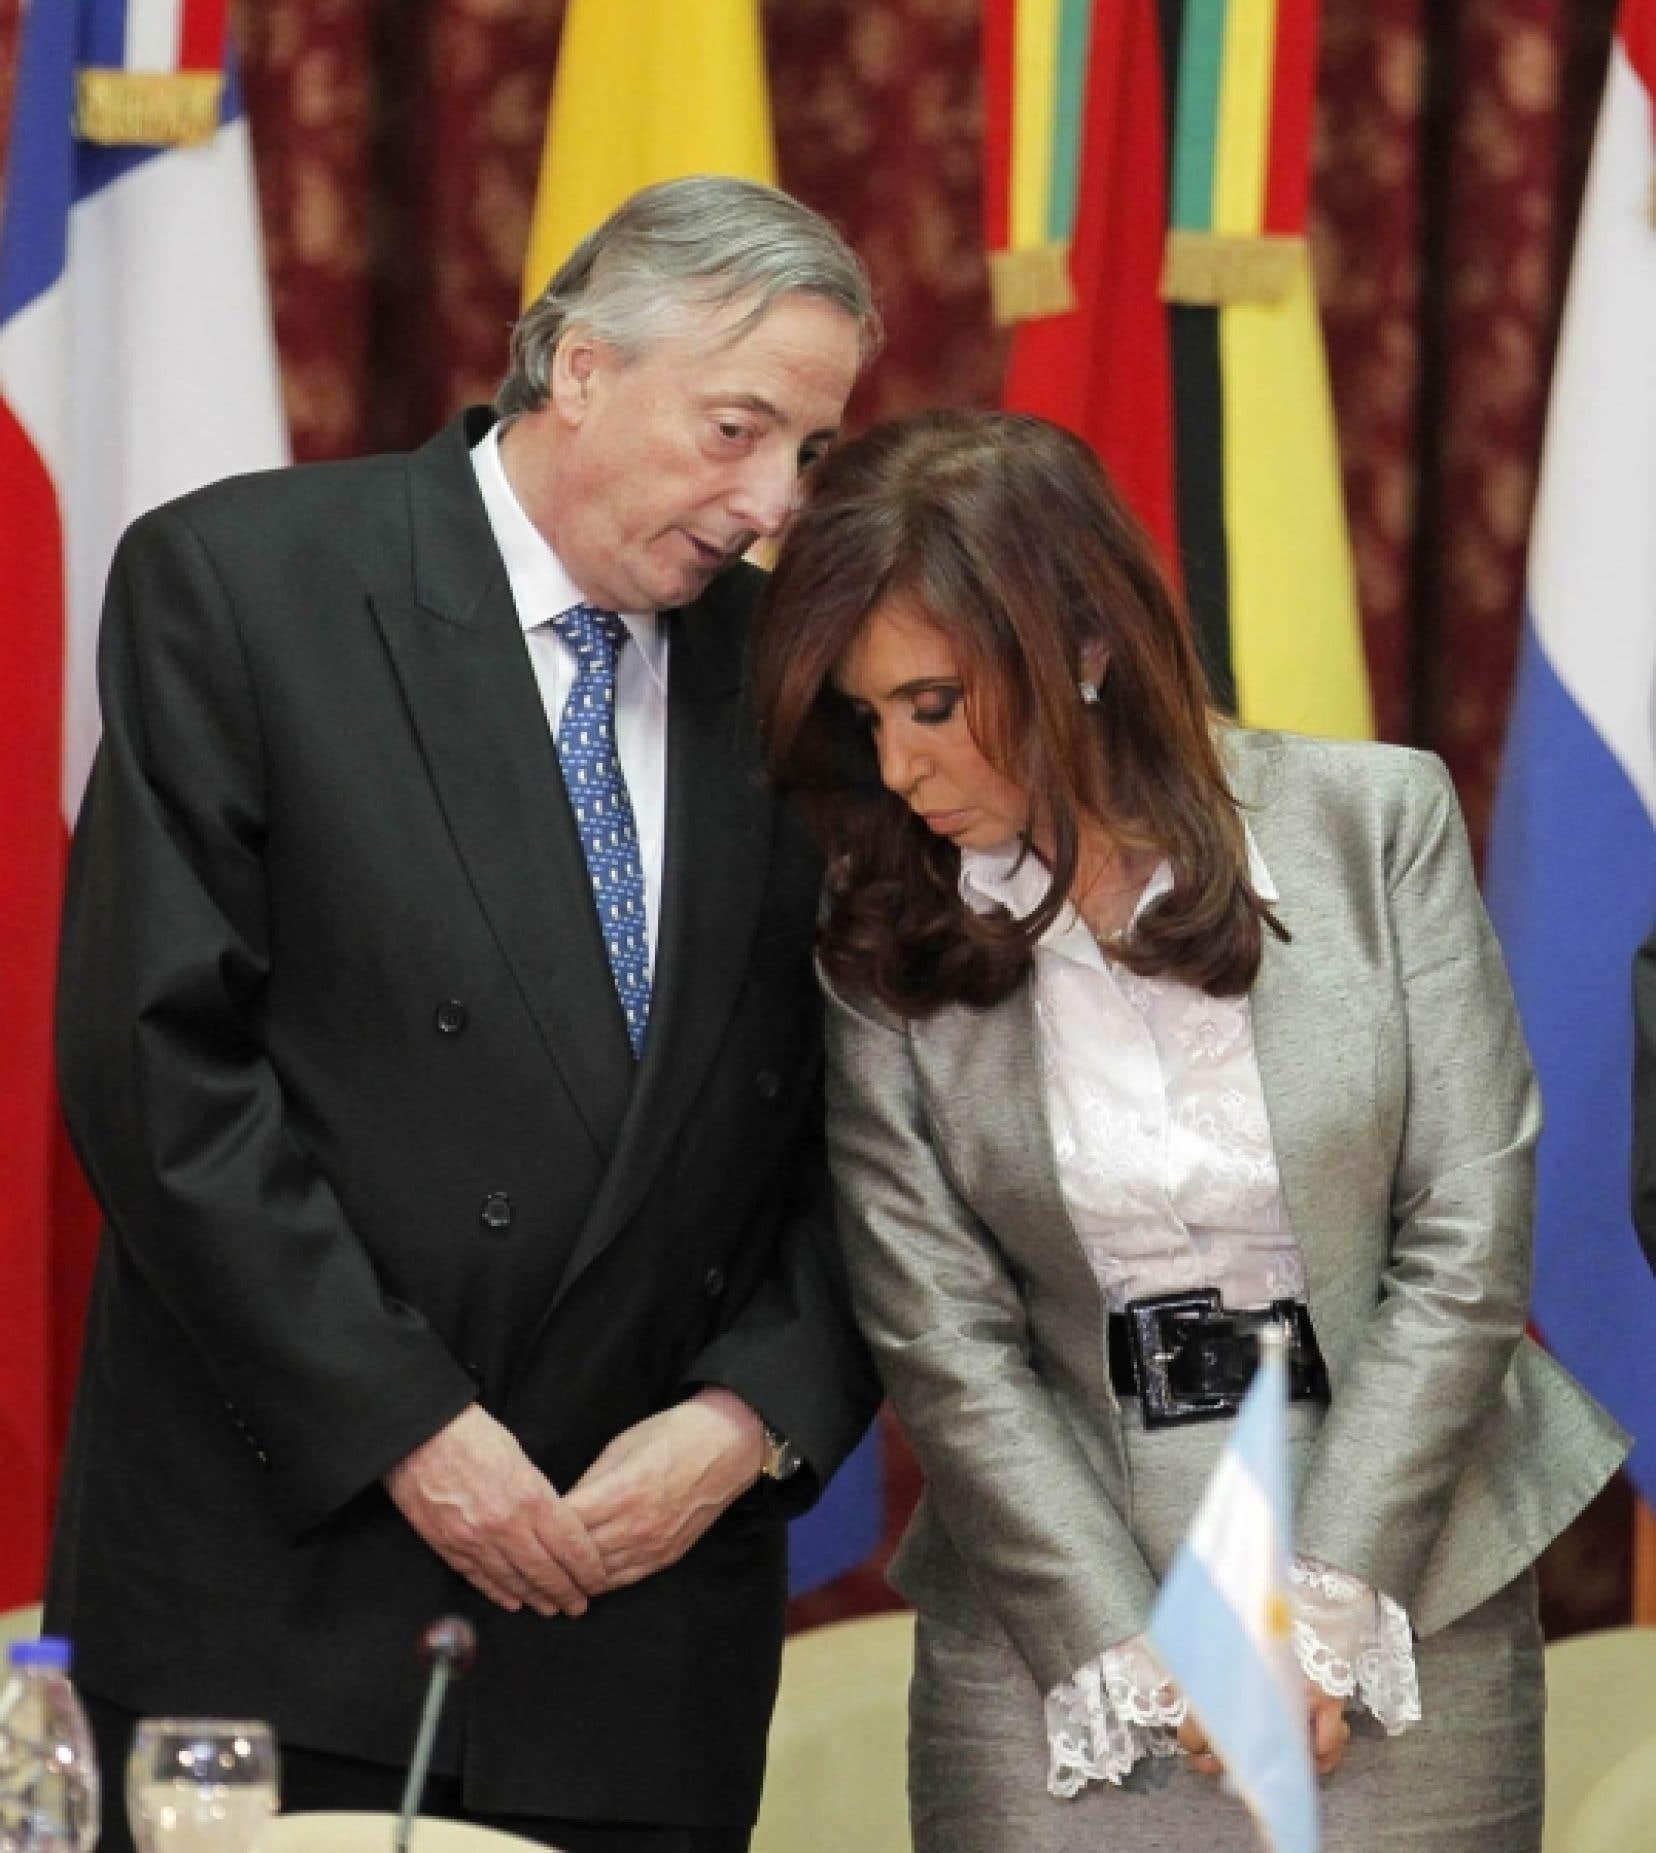 En 2007, Cristina Kirchner avait succédé à son mari à la présidence de la République d'Argentine avec plus de 45 % des suffrages. Selon un éditorial du journal d'opposition La Nación, Nestor Kirchner «exerçait réellement le pouvoir, et non pas son épouse [...] Elle n'a jamais cherché à se constituer un espace propre de pouvoir, ou même symbolique».<br />